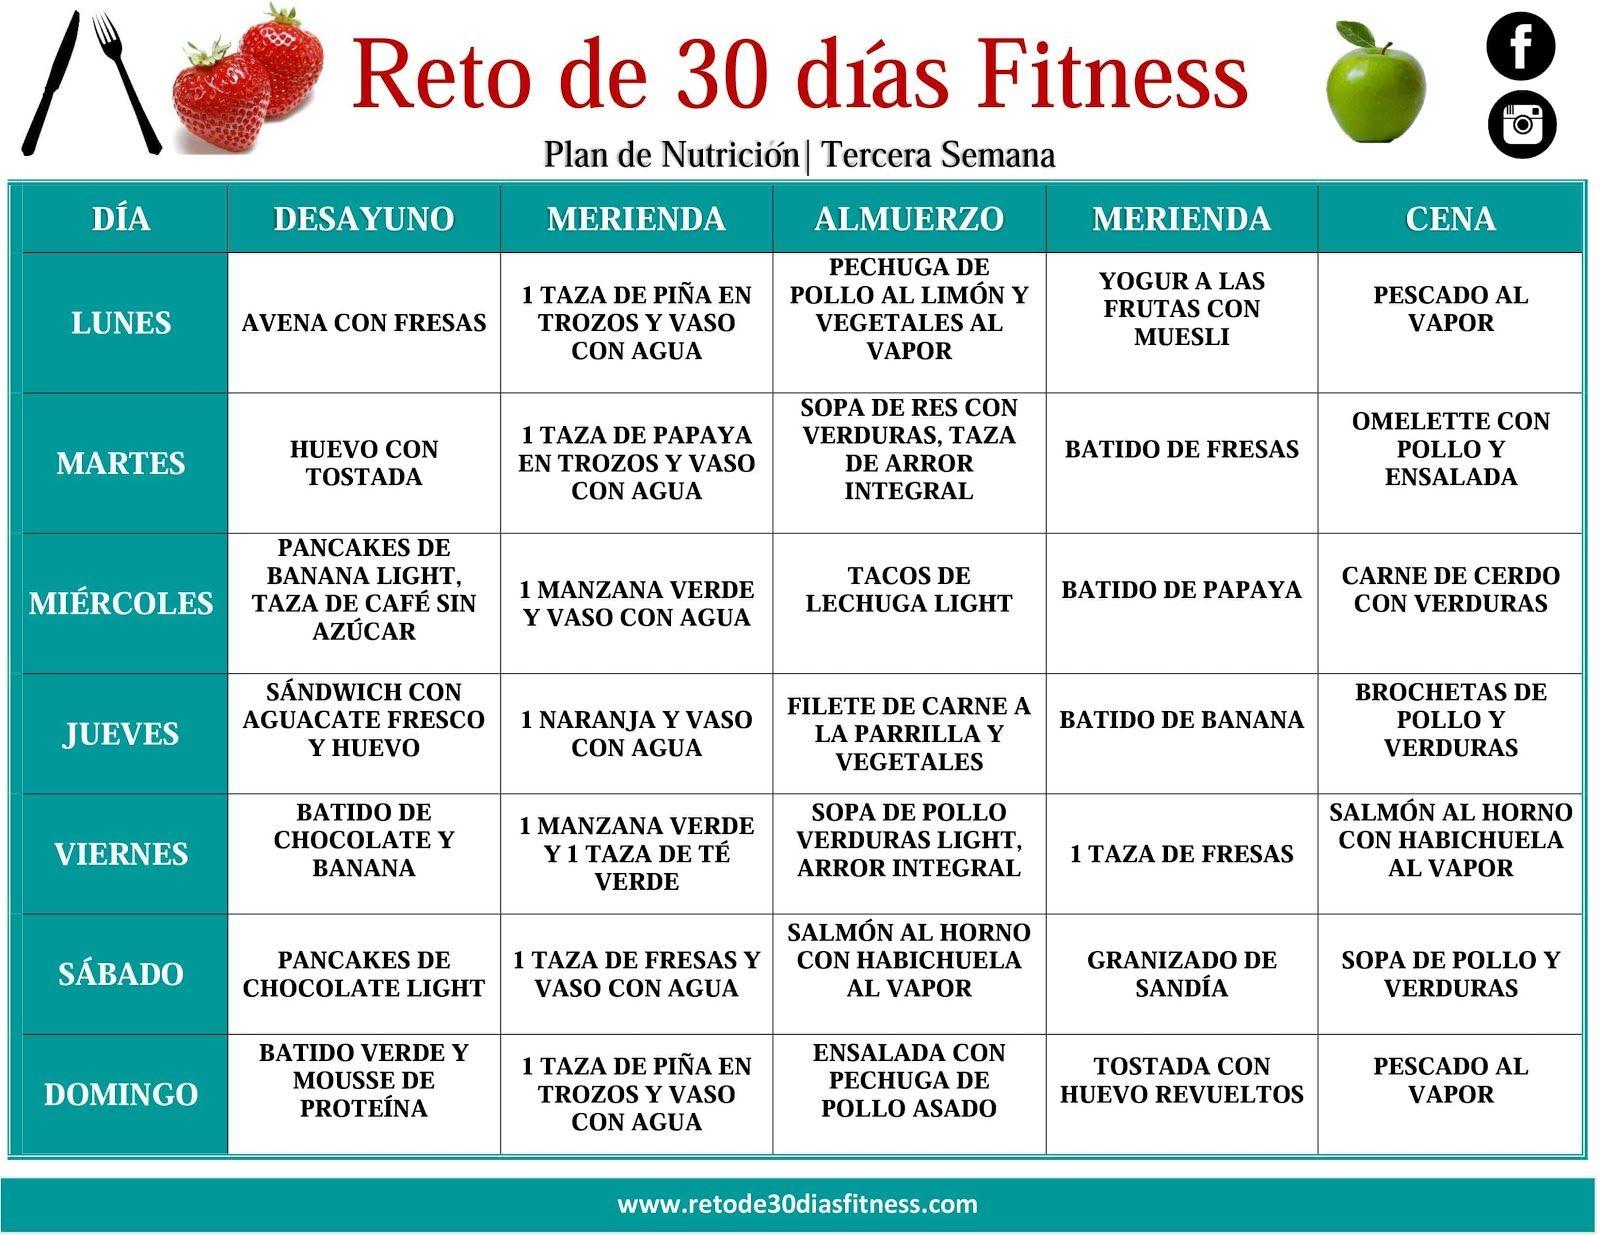 Nutrici n para bajar de peso paola pinterest para bajar de peso nutrici n y dietas - Como bajar 15 kilos en un mes ...